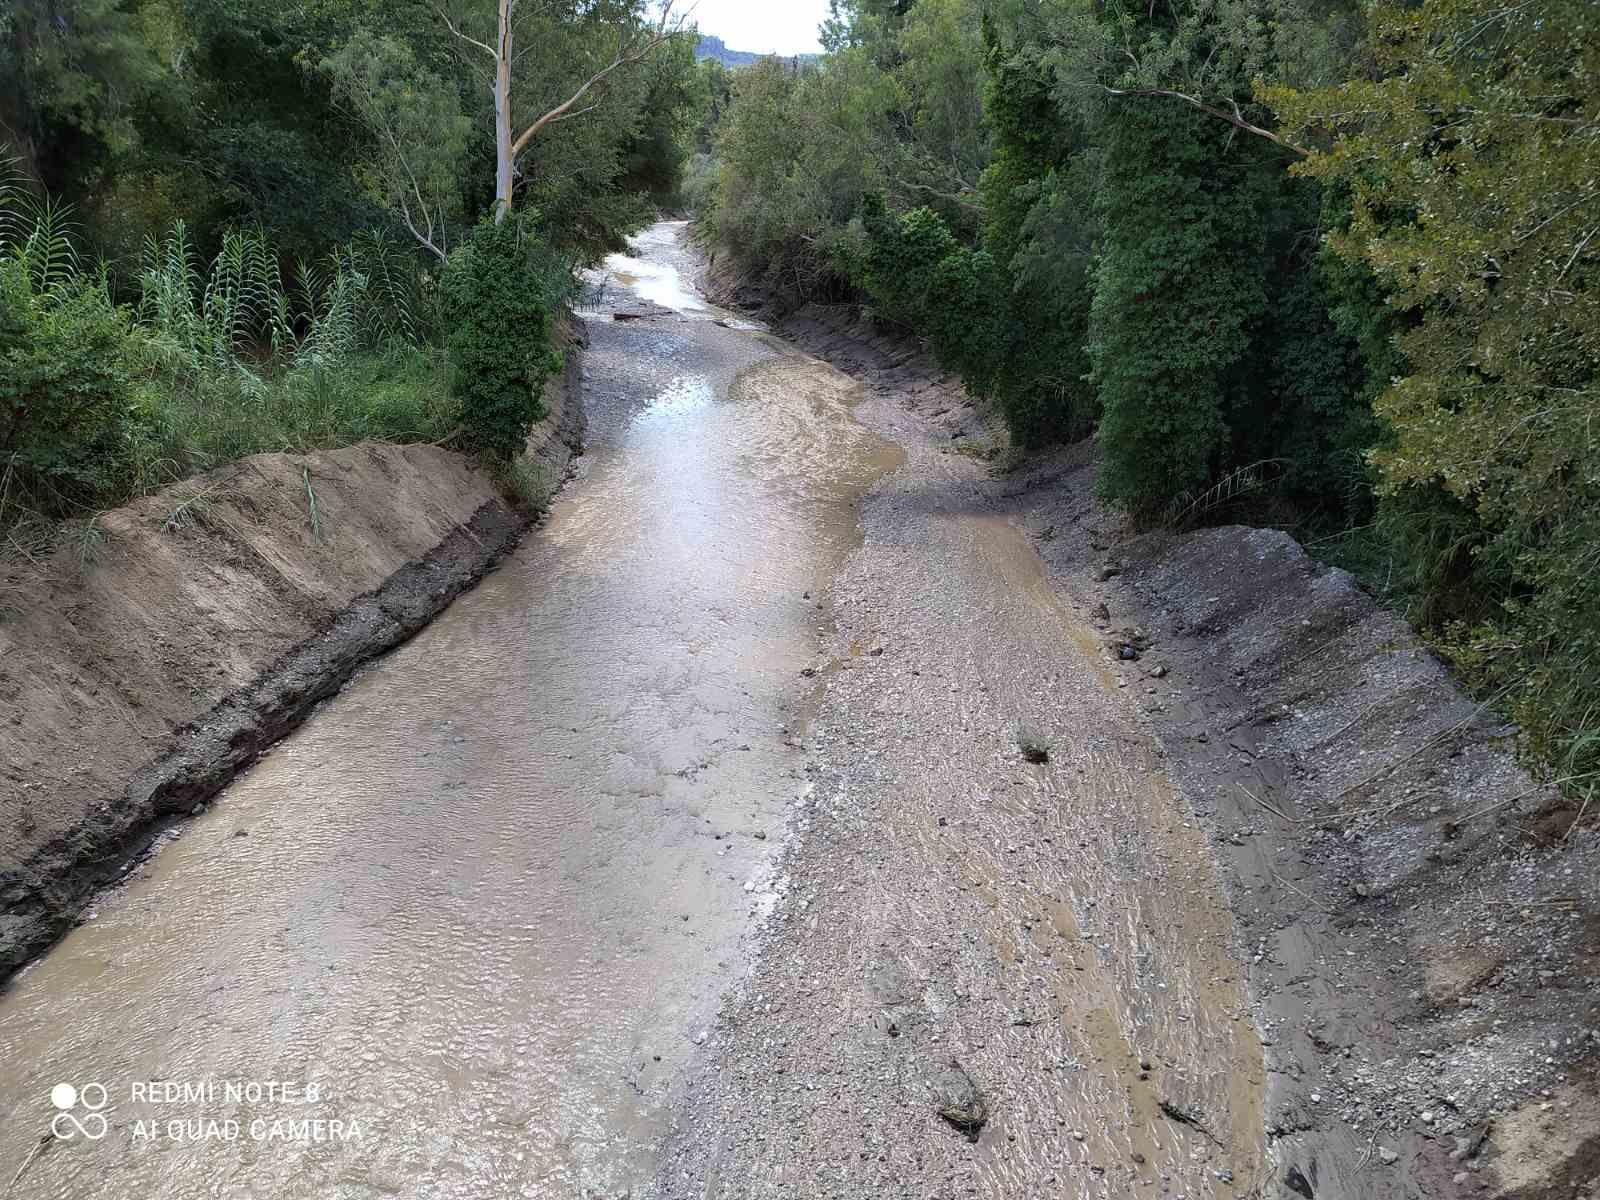 ΠΔΕ: Συνεχίζονται οι καθαρισμοί ποταμών και ρεμάτων στην ΠΕ Ηλείας από την Περιφέρεια Δυτικής Ελλάδας